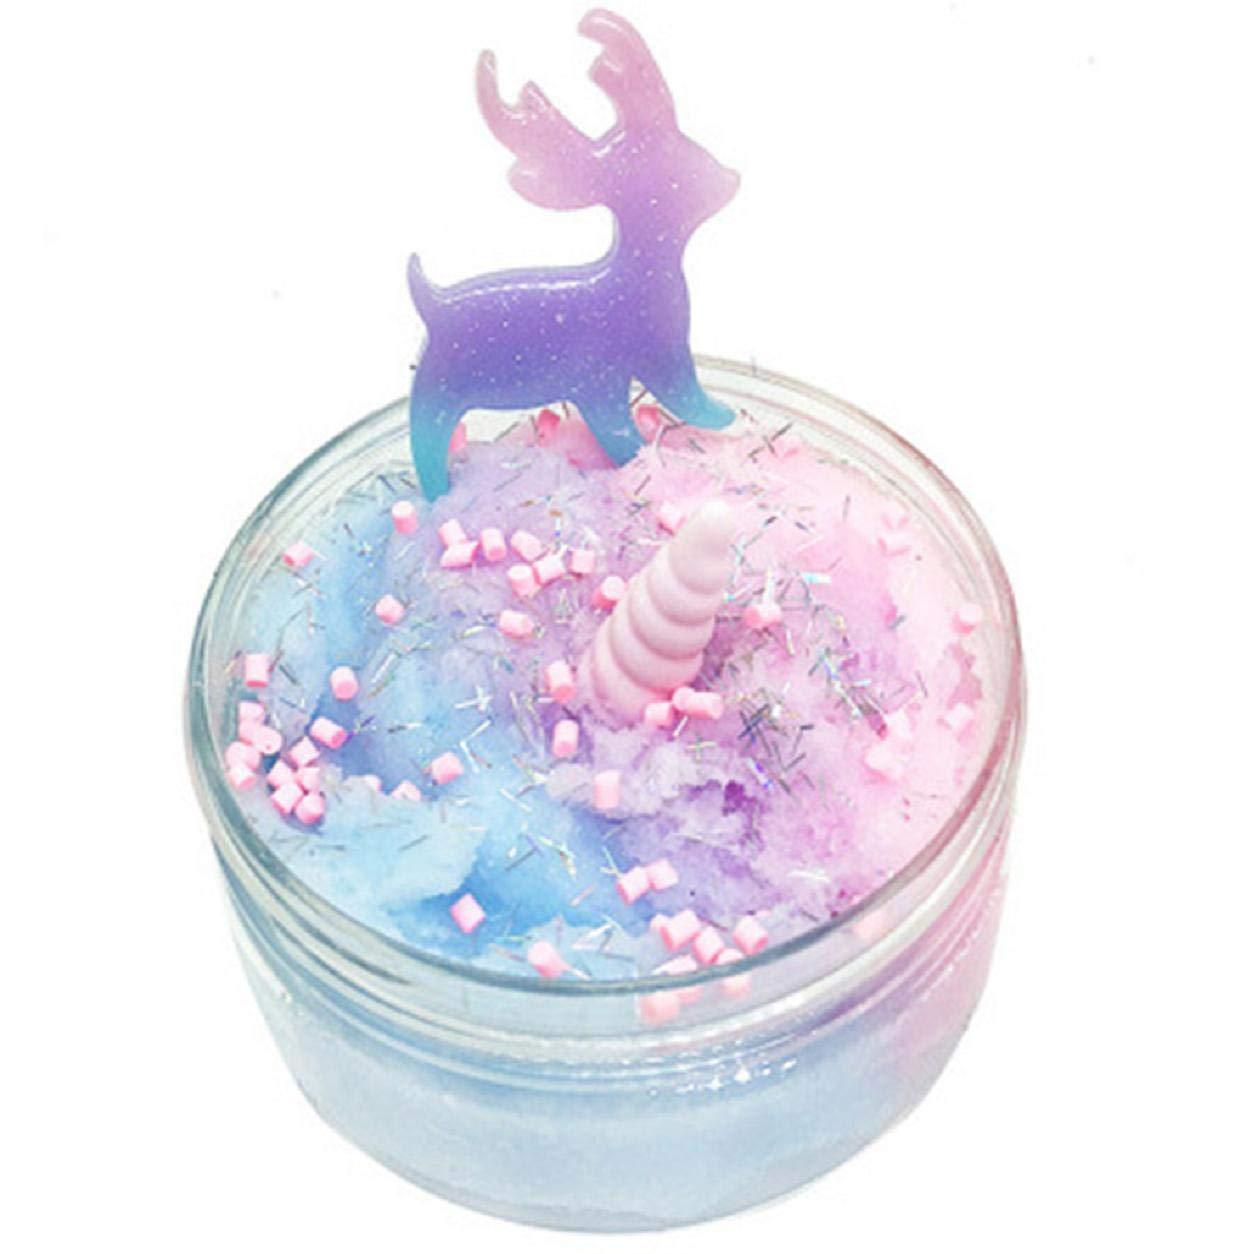 NUOVO Unicorn Squishy Perline anti-stress Giocattolo Morbido